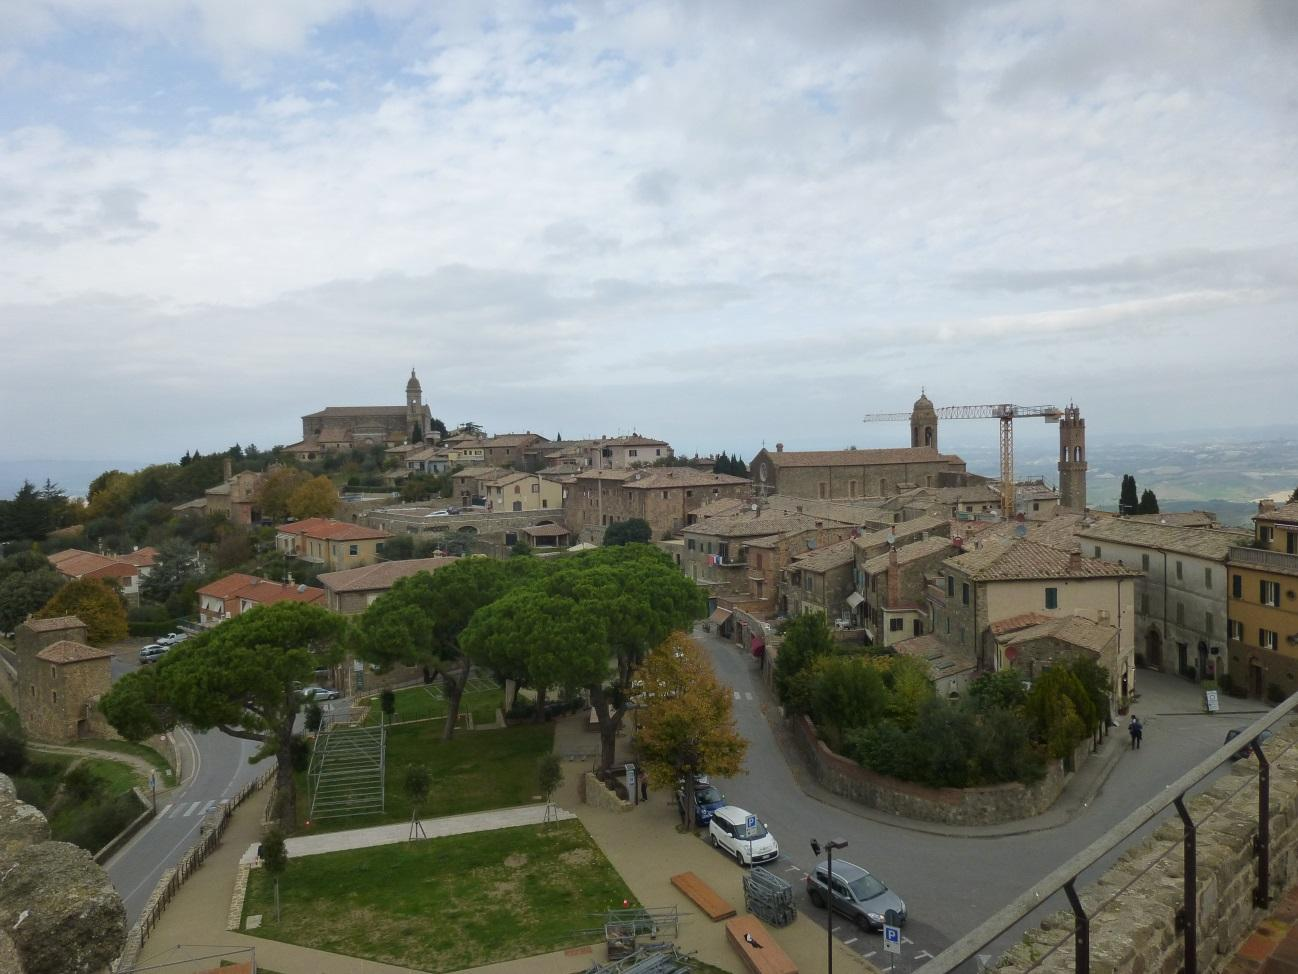 C:\Users\Gonzalo\Desktop\Documentos\Fotografías\La Toscana\103_PANA\P1030149.JPG